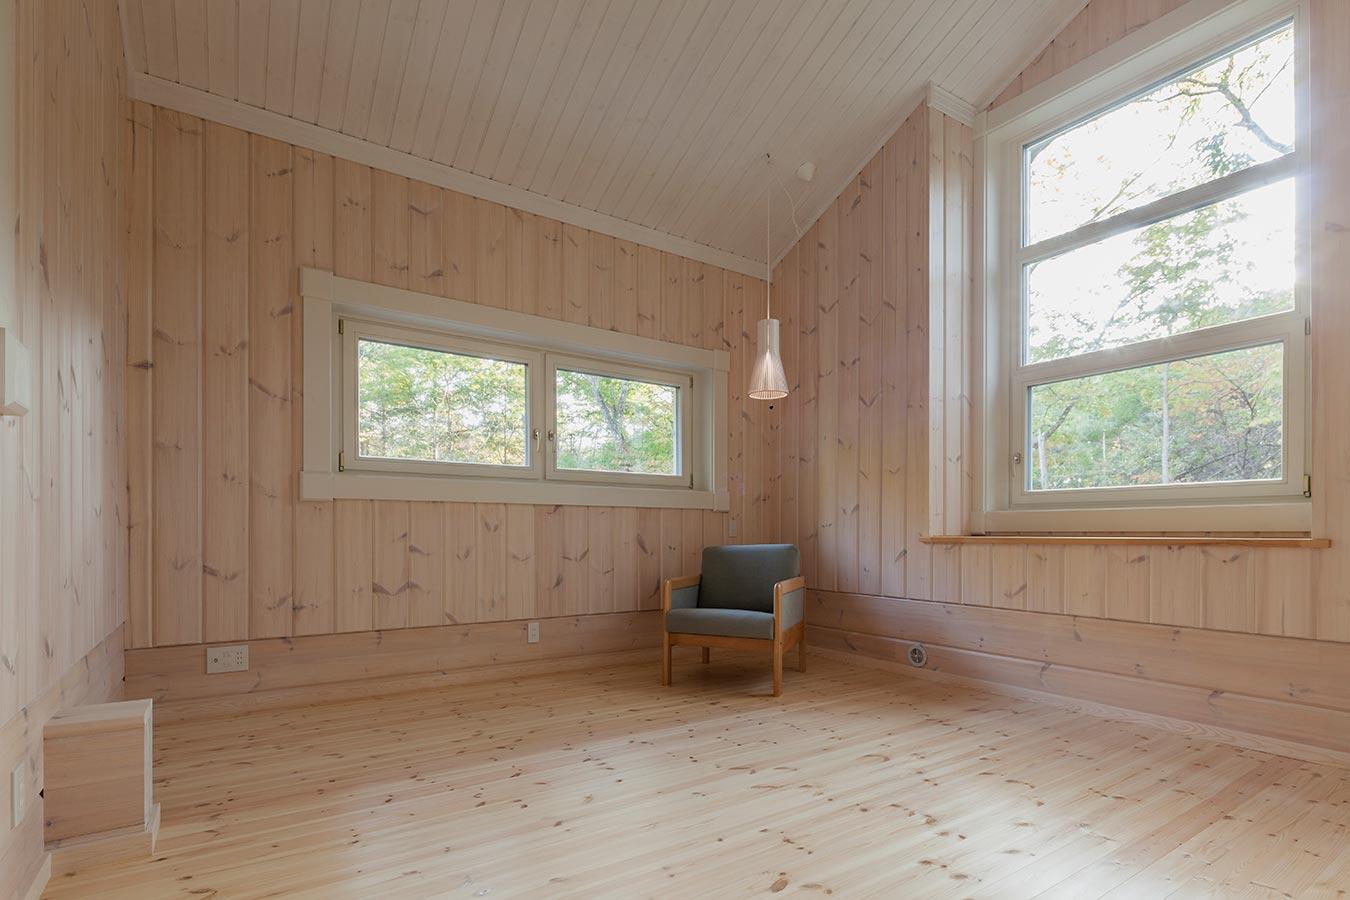 景色も楽しめるよう窓の高さを調整したフリースペース